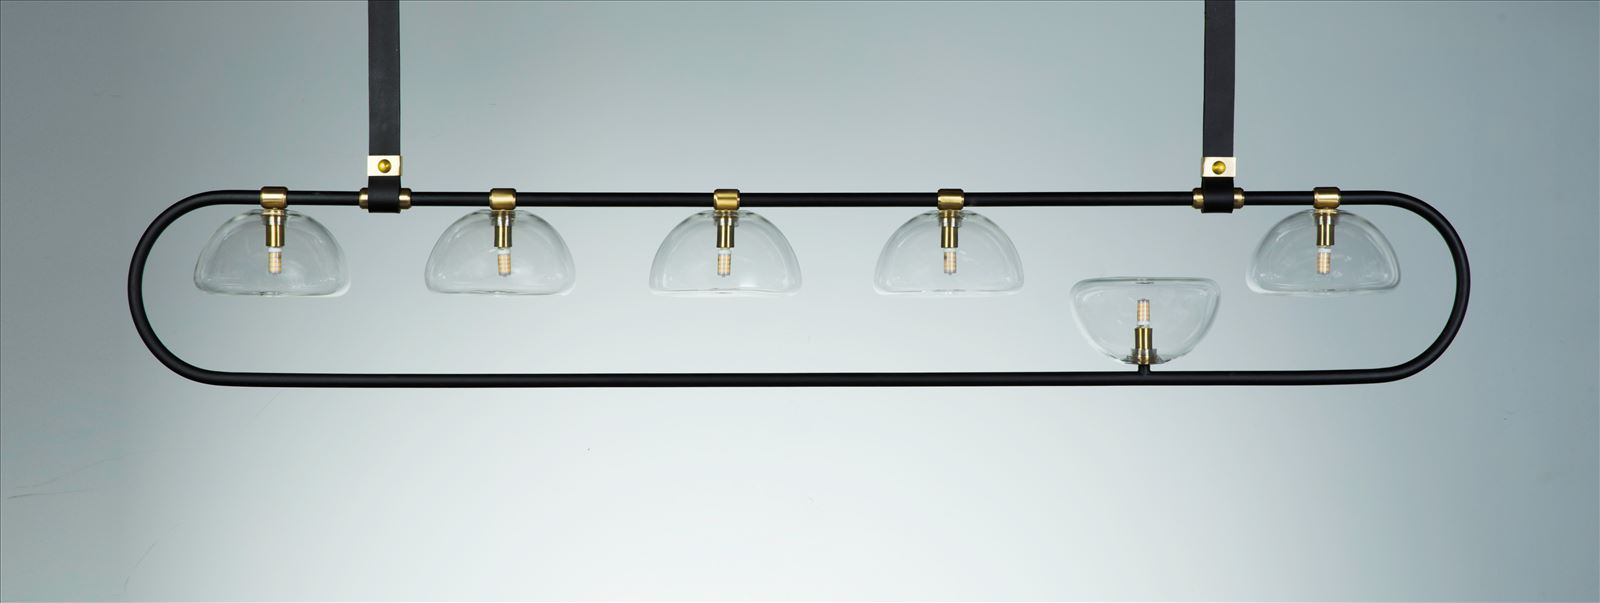 גופי תאורה מקטגוריית: גופי תאורה בייצור מיוחד ,שם המוצר: